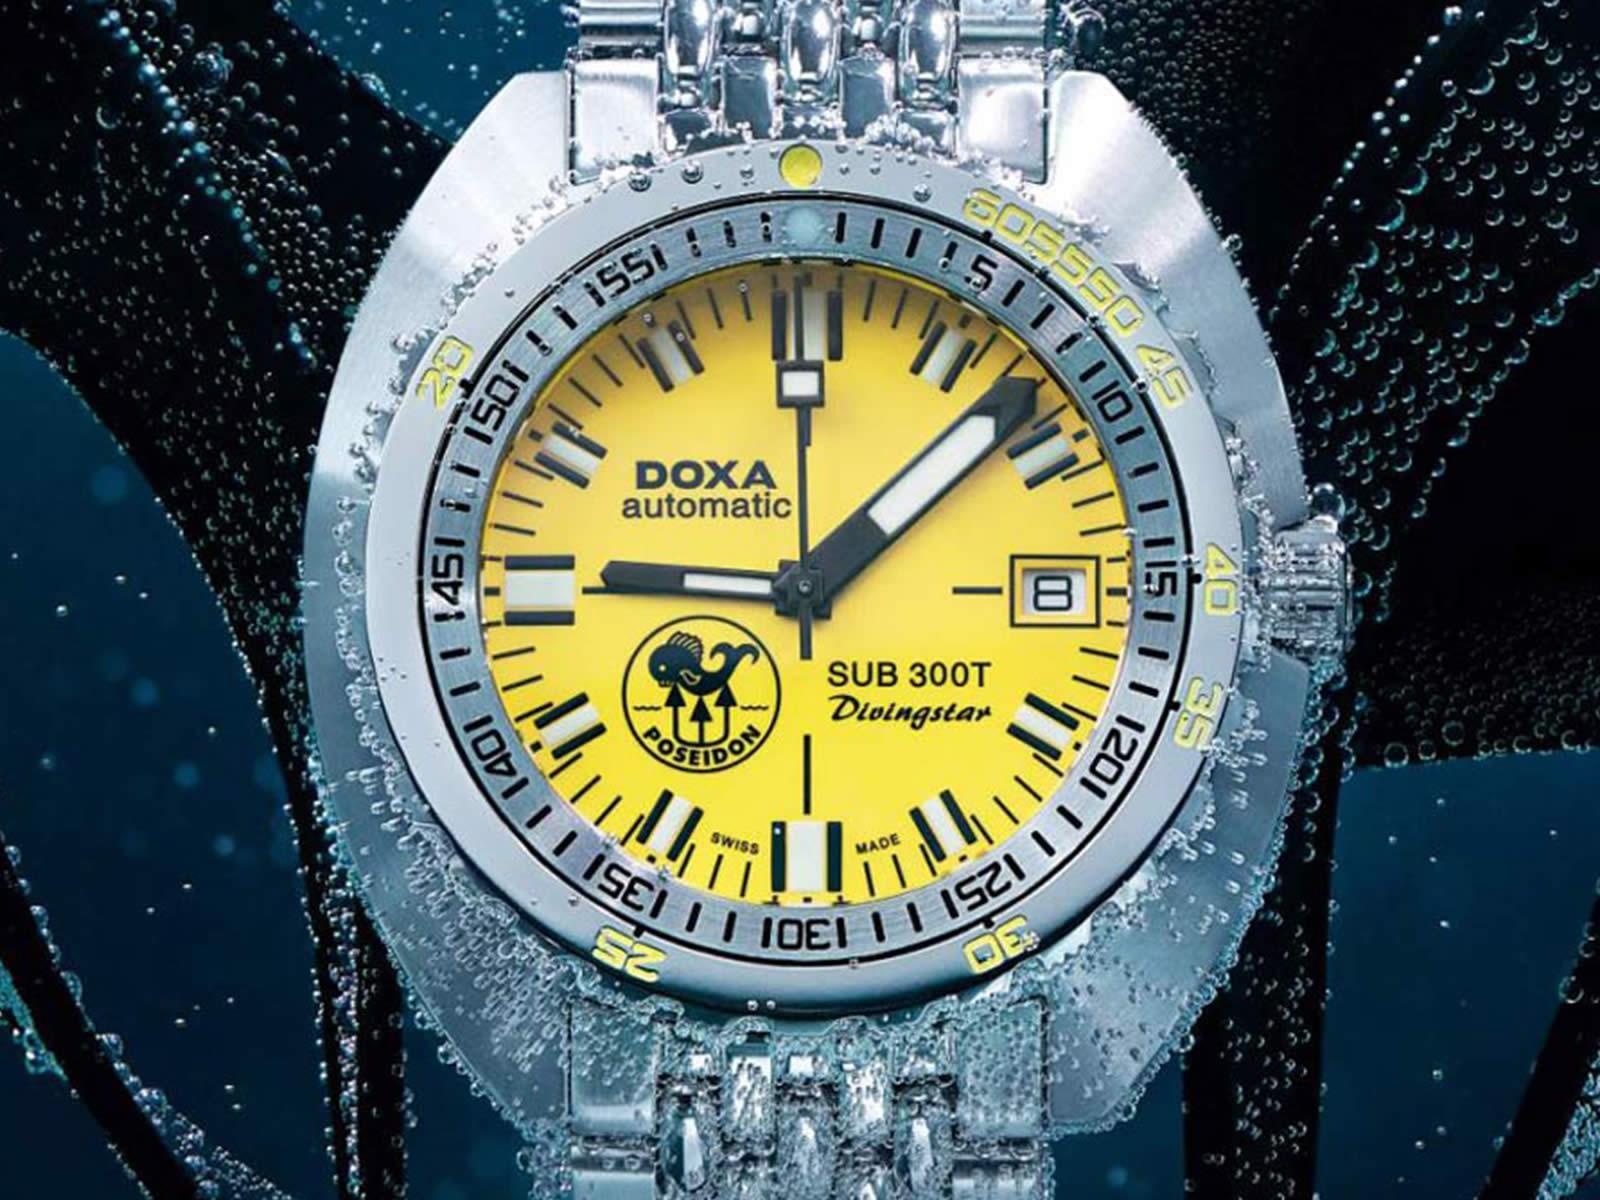 doxa-sub-300t-divingstar-poseidon-edition-6-.jpg